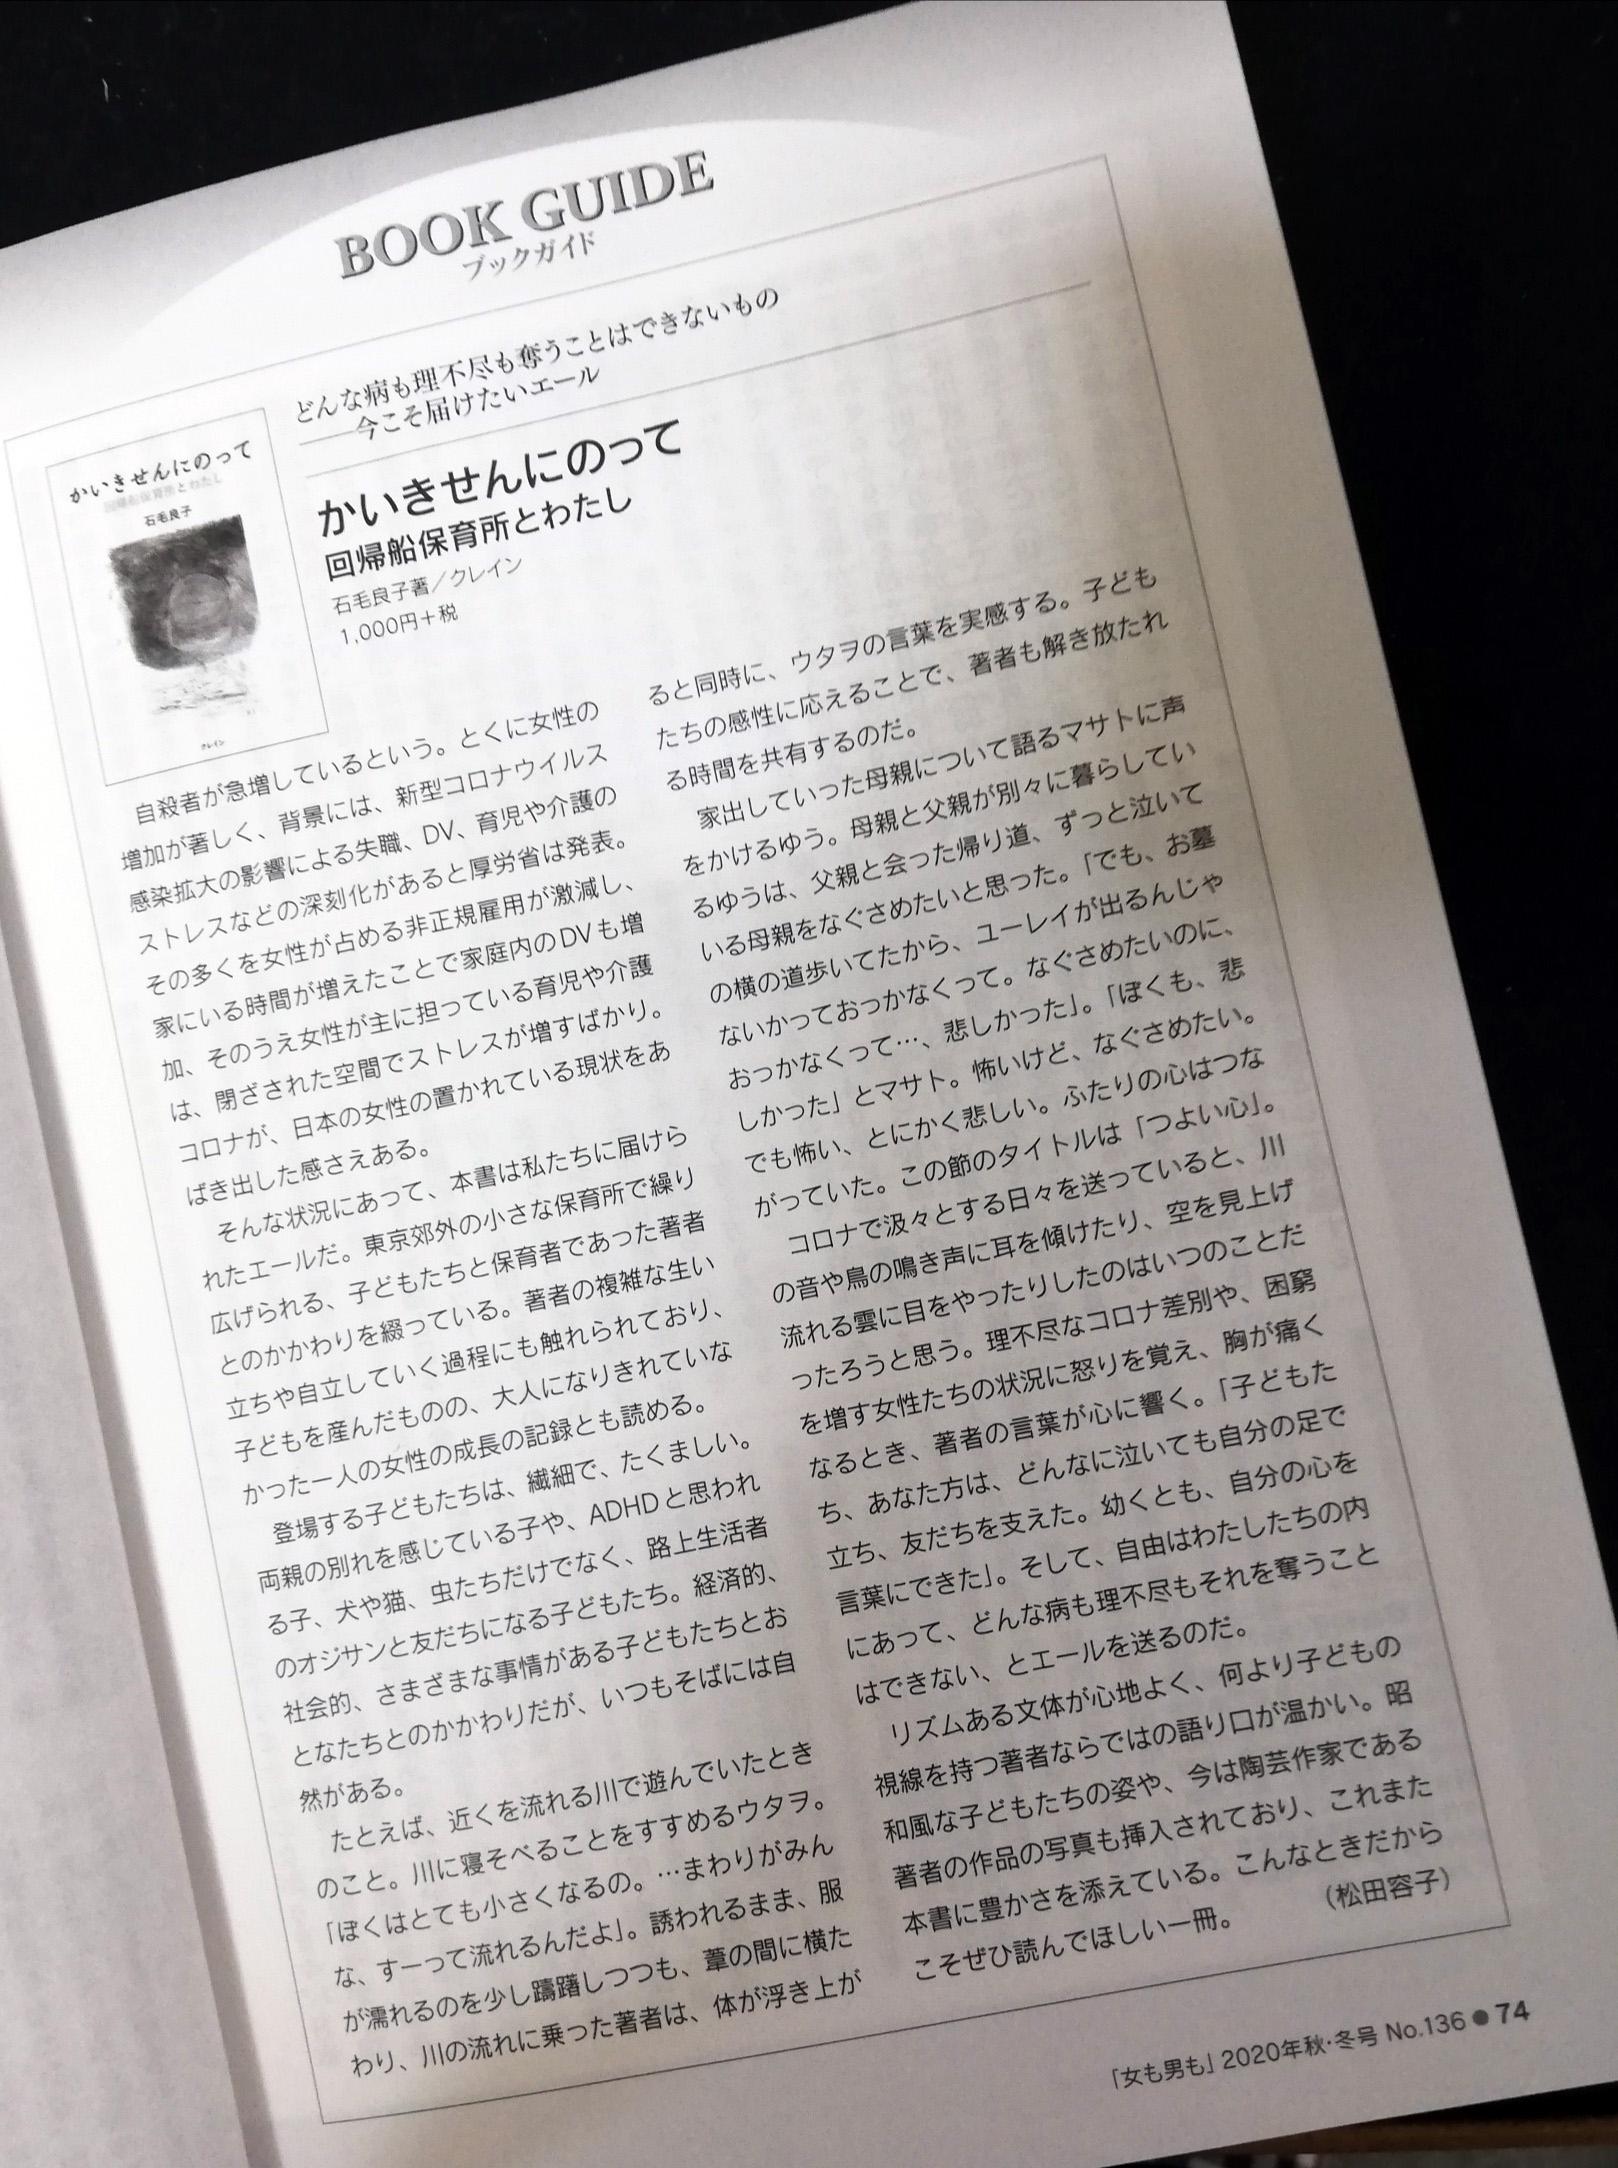 雑誌『女も男も』で『かいきせんにのって』が紹介されました。